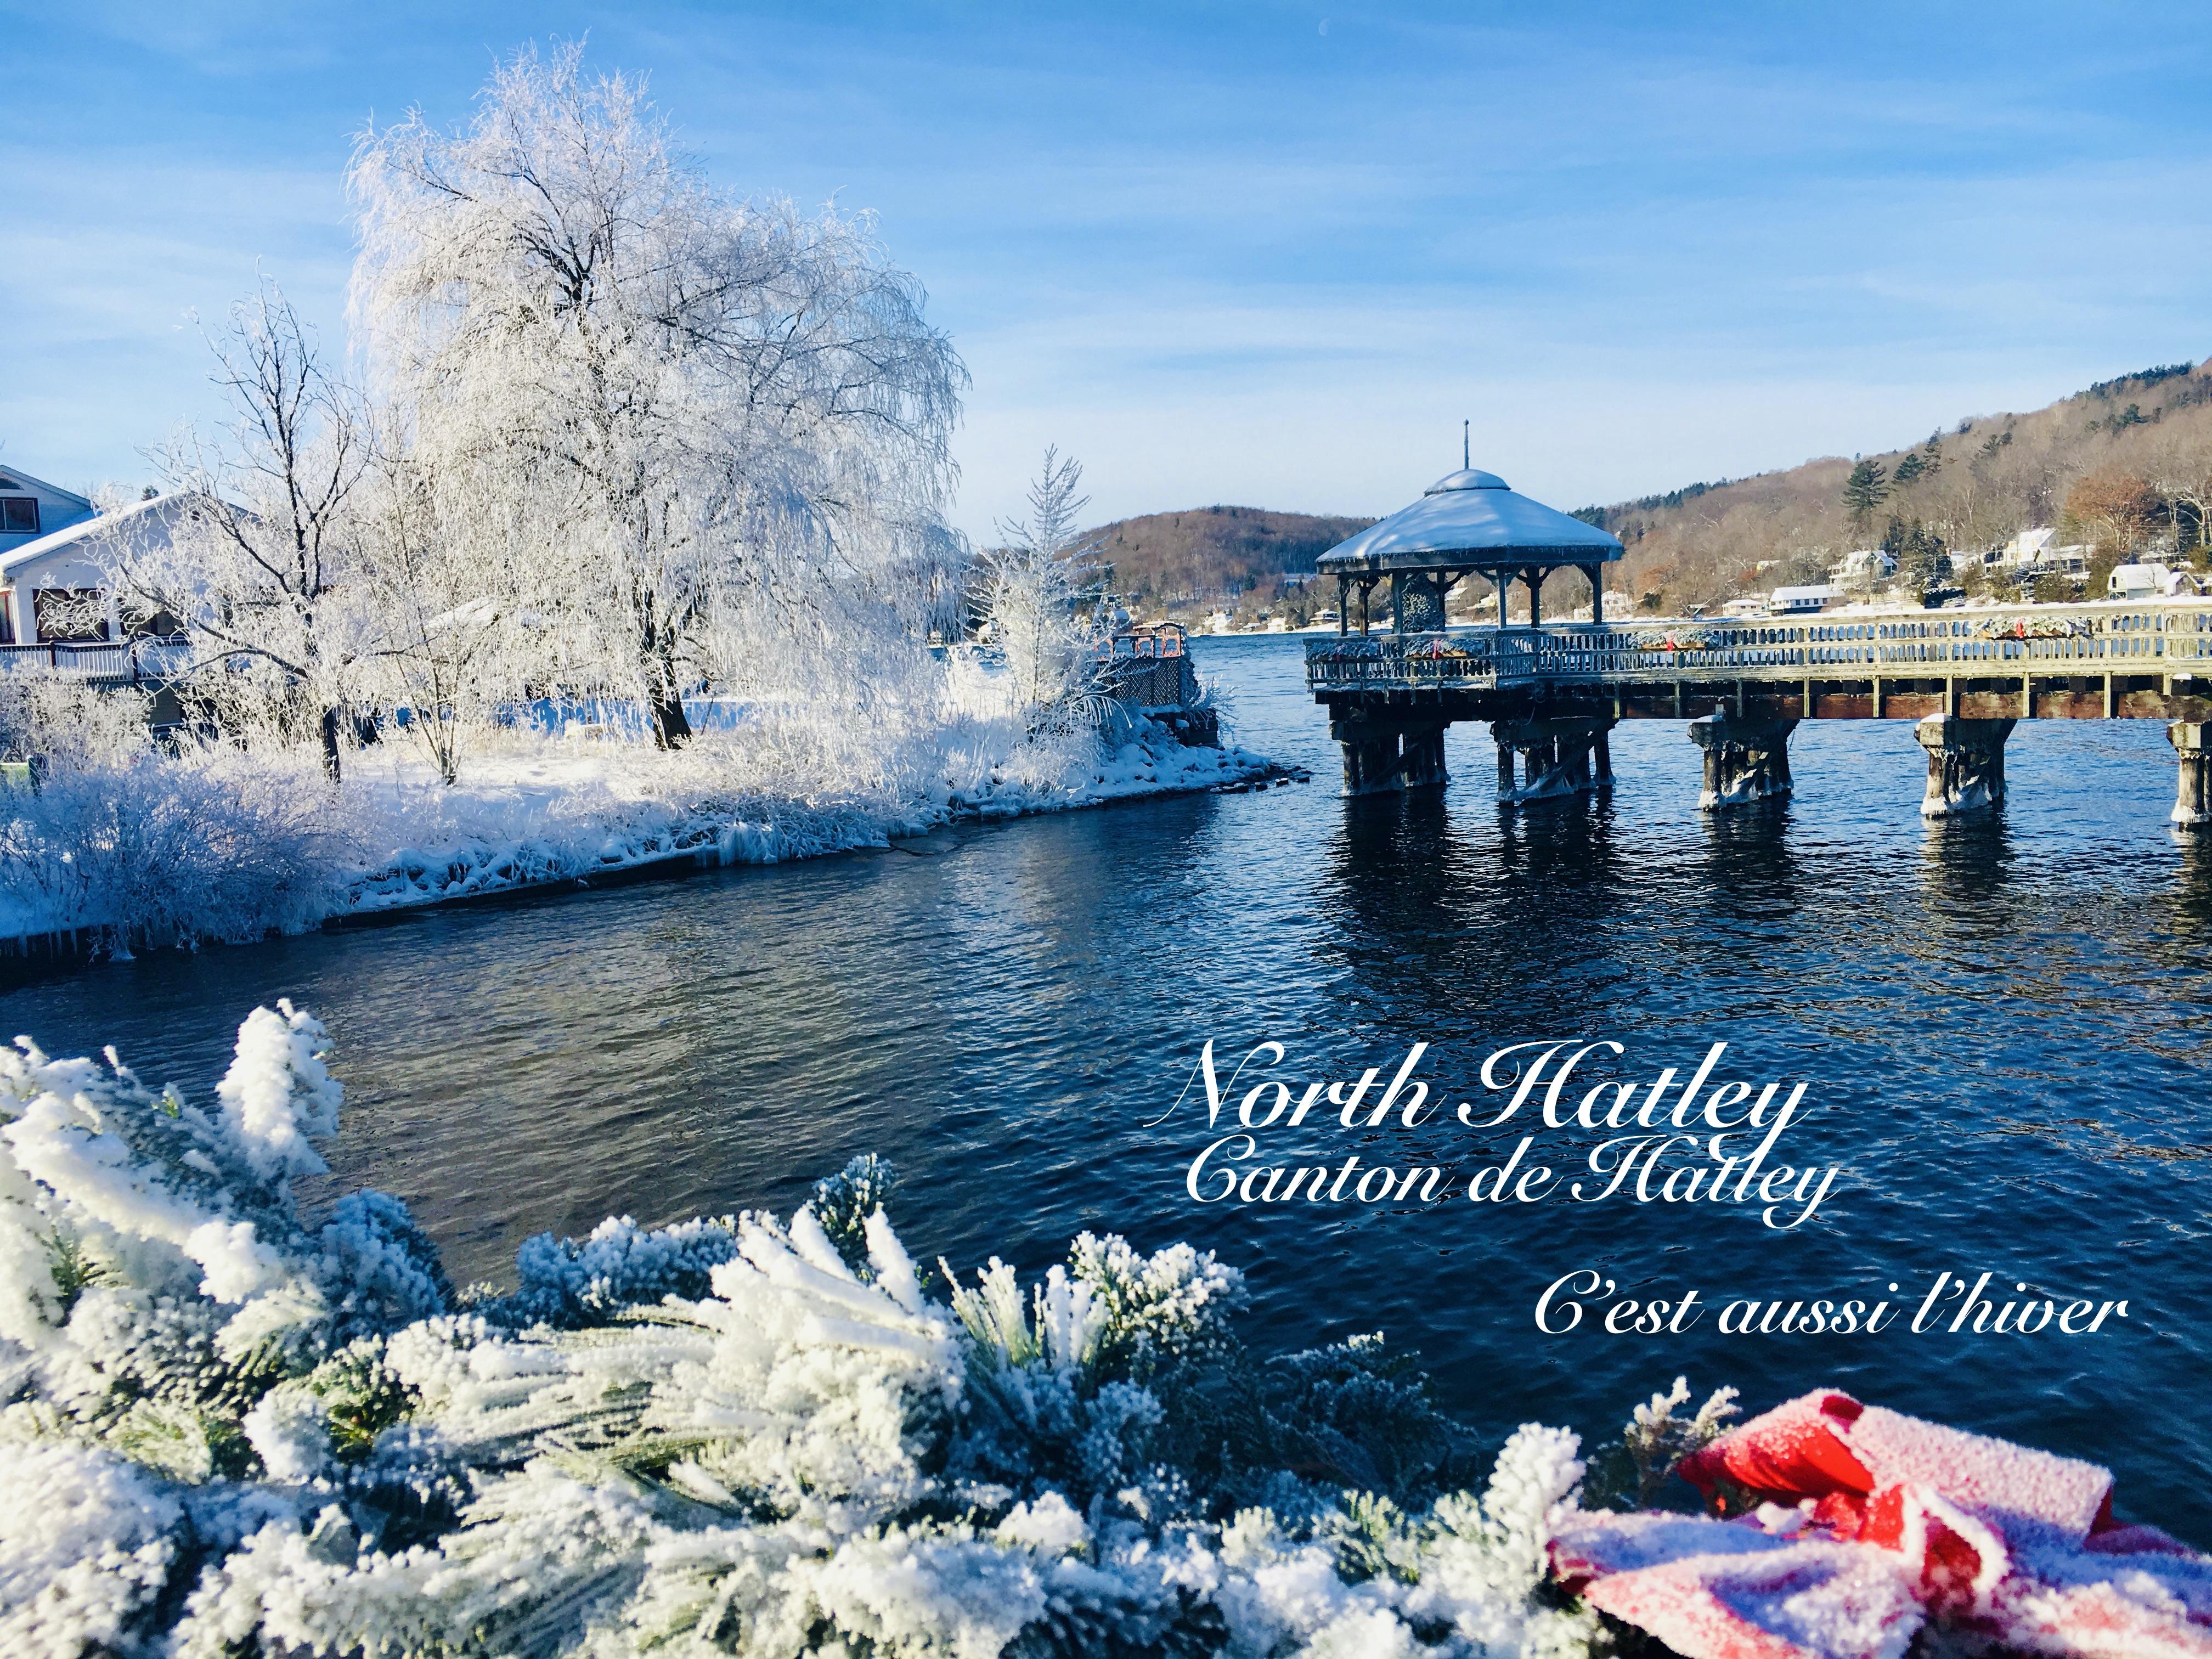 Hiver North Hatley